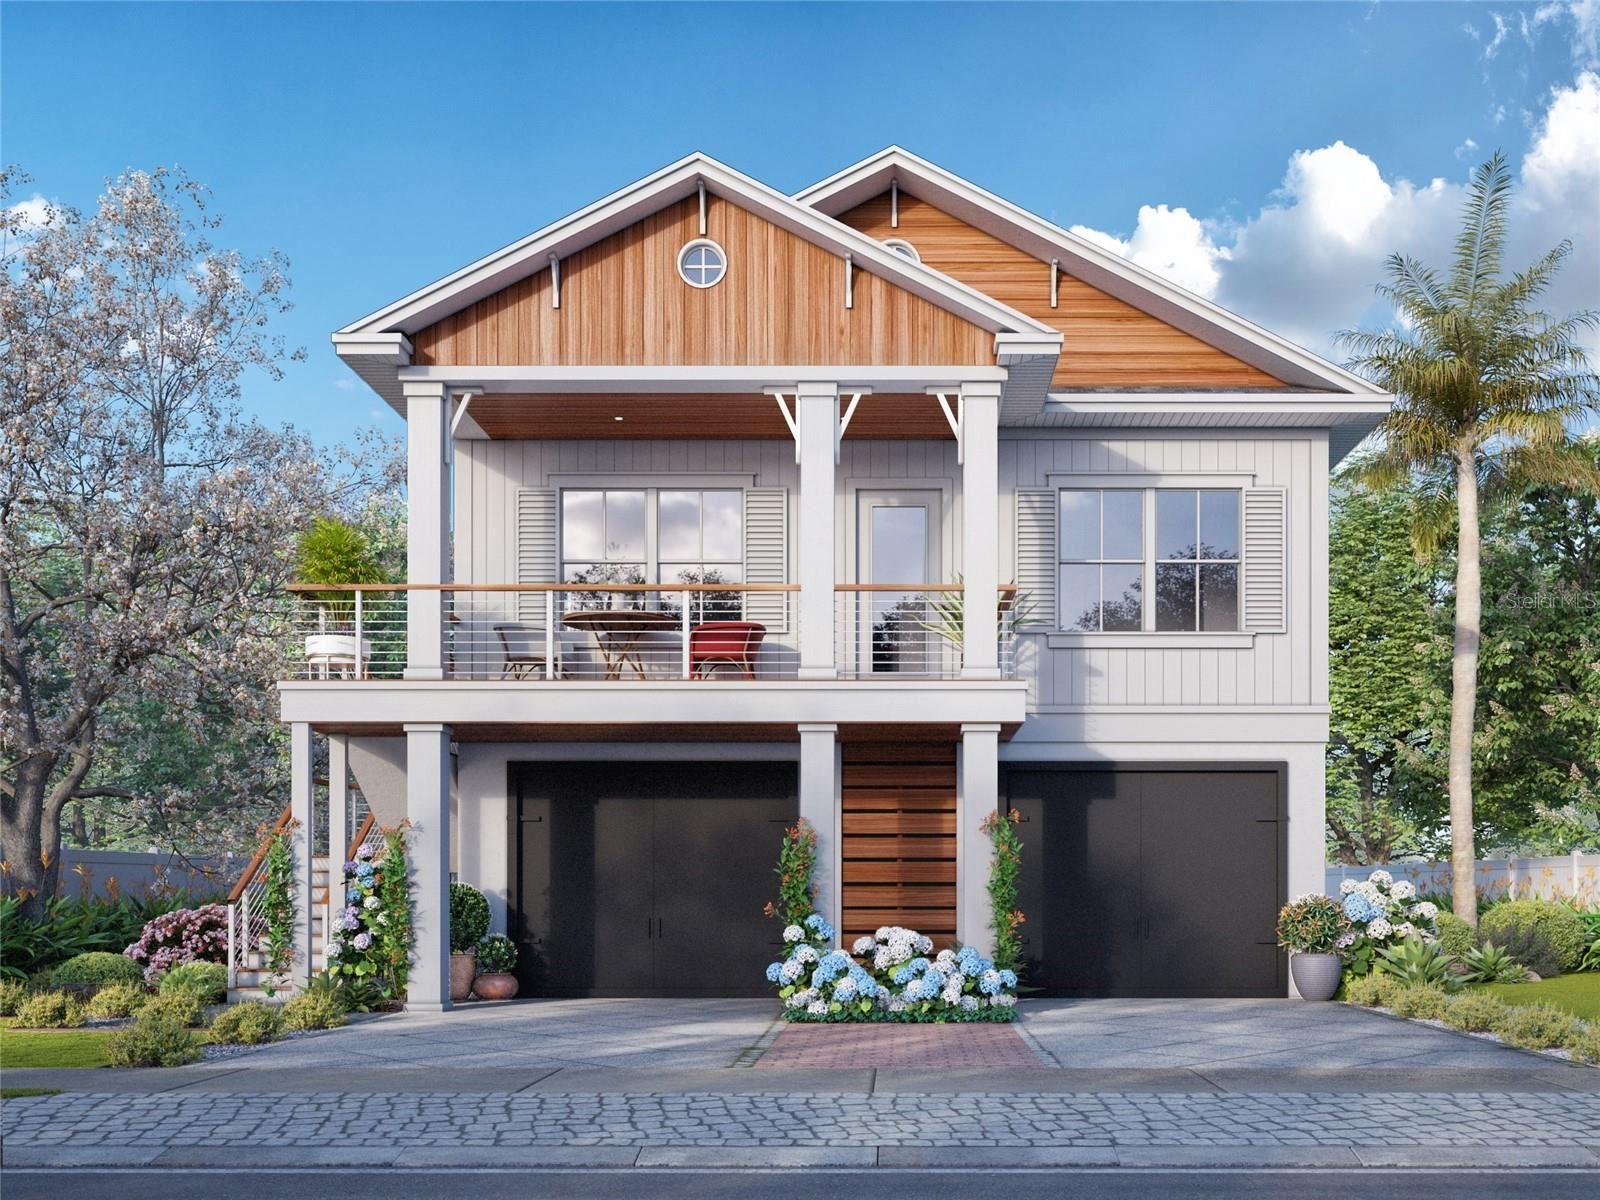 1 INGERSOL, New Port Richey, FL 34652 - MLS#: U8133699